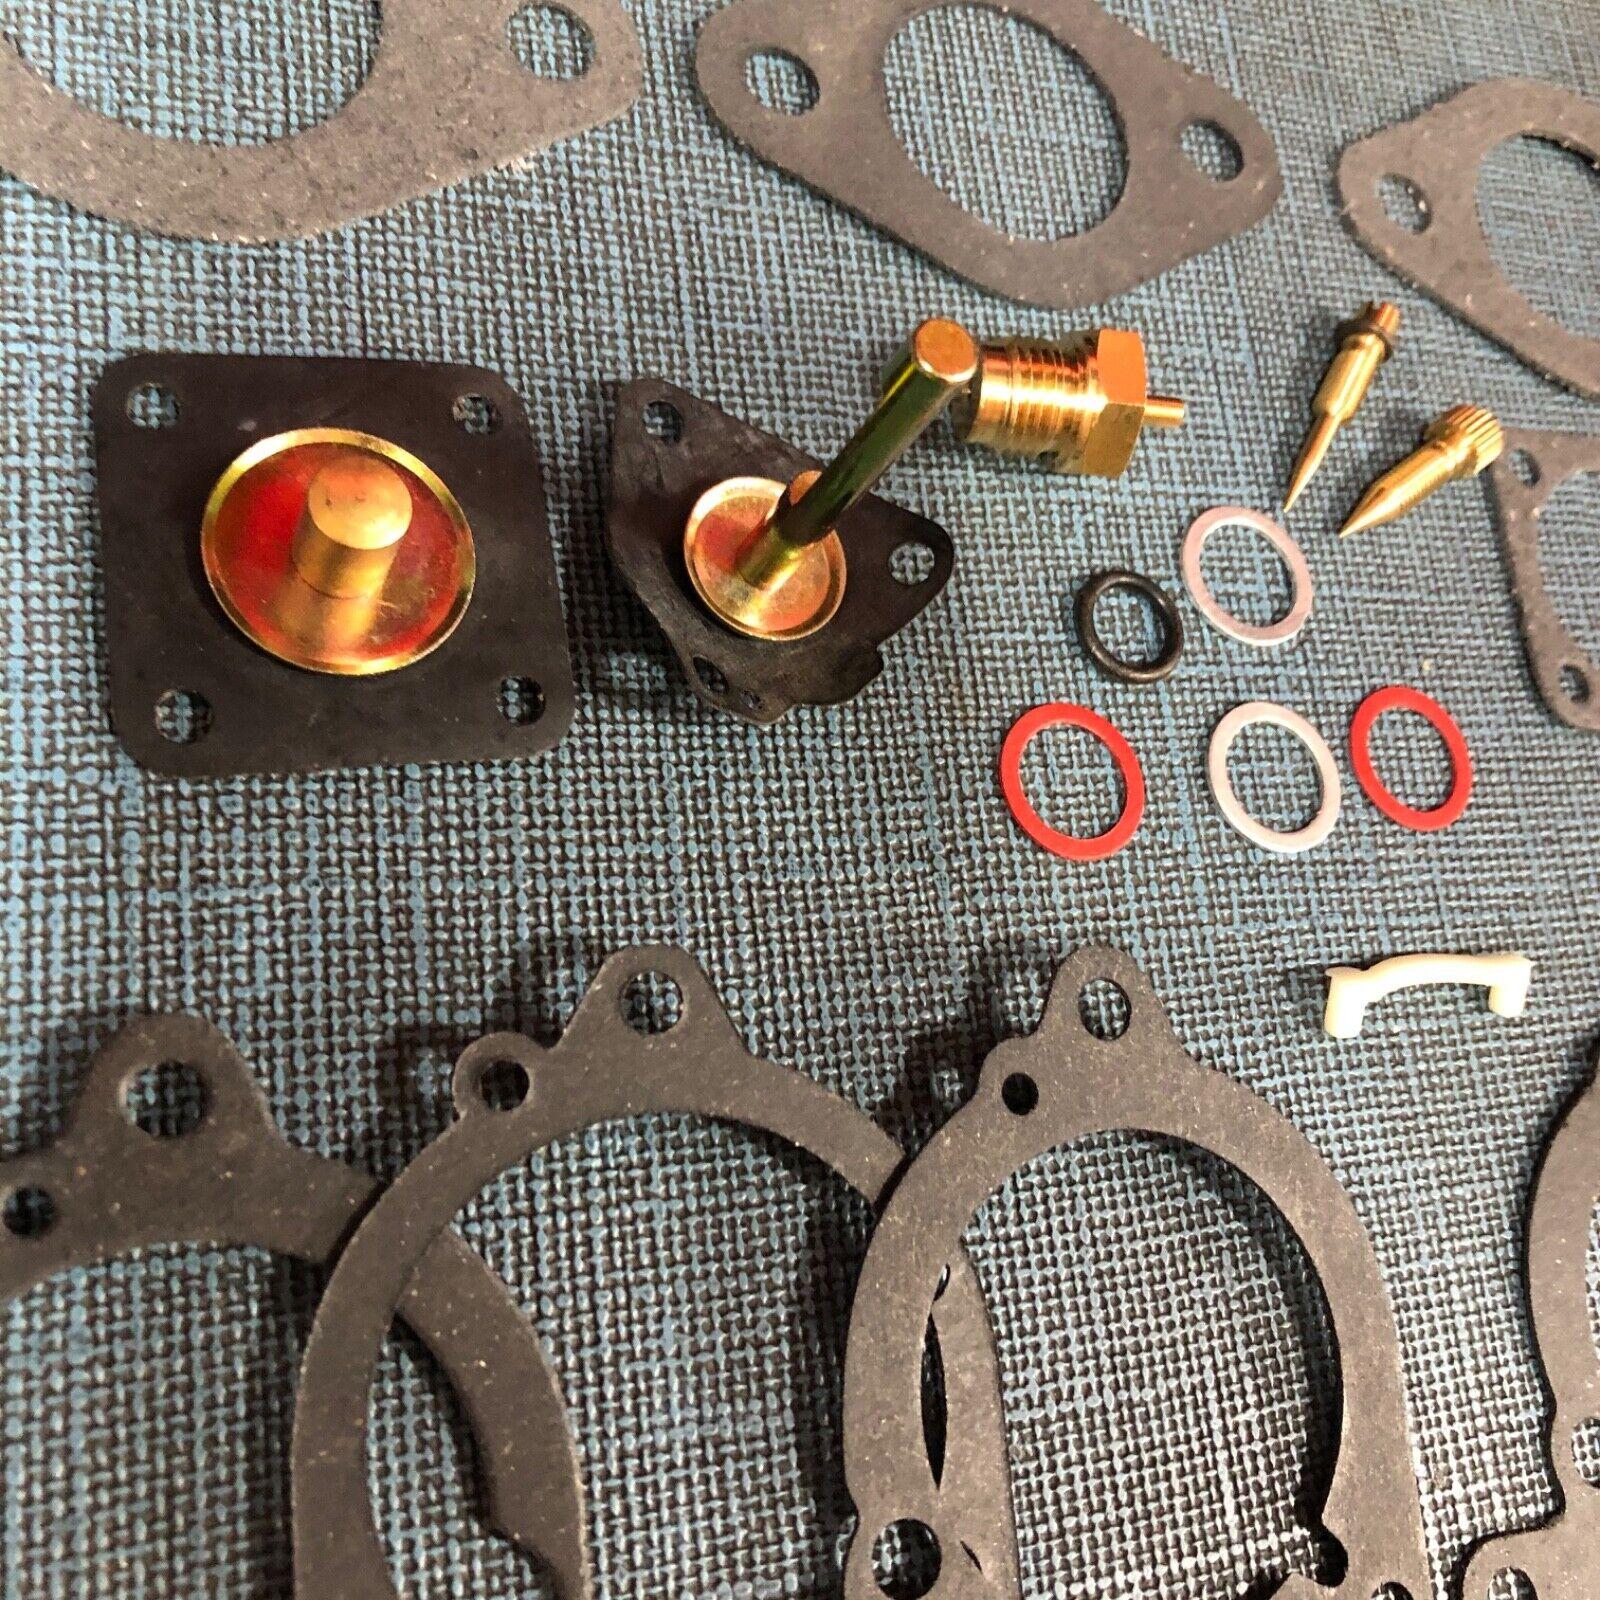 Überholsatz Reparatursatz Dichtsatz für Solex 31 PICT-4 VW Käfer Bus Vergaser